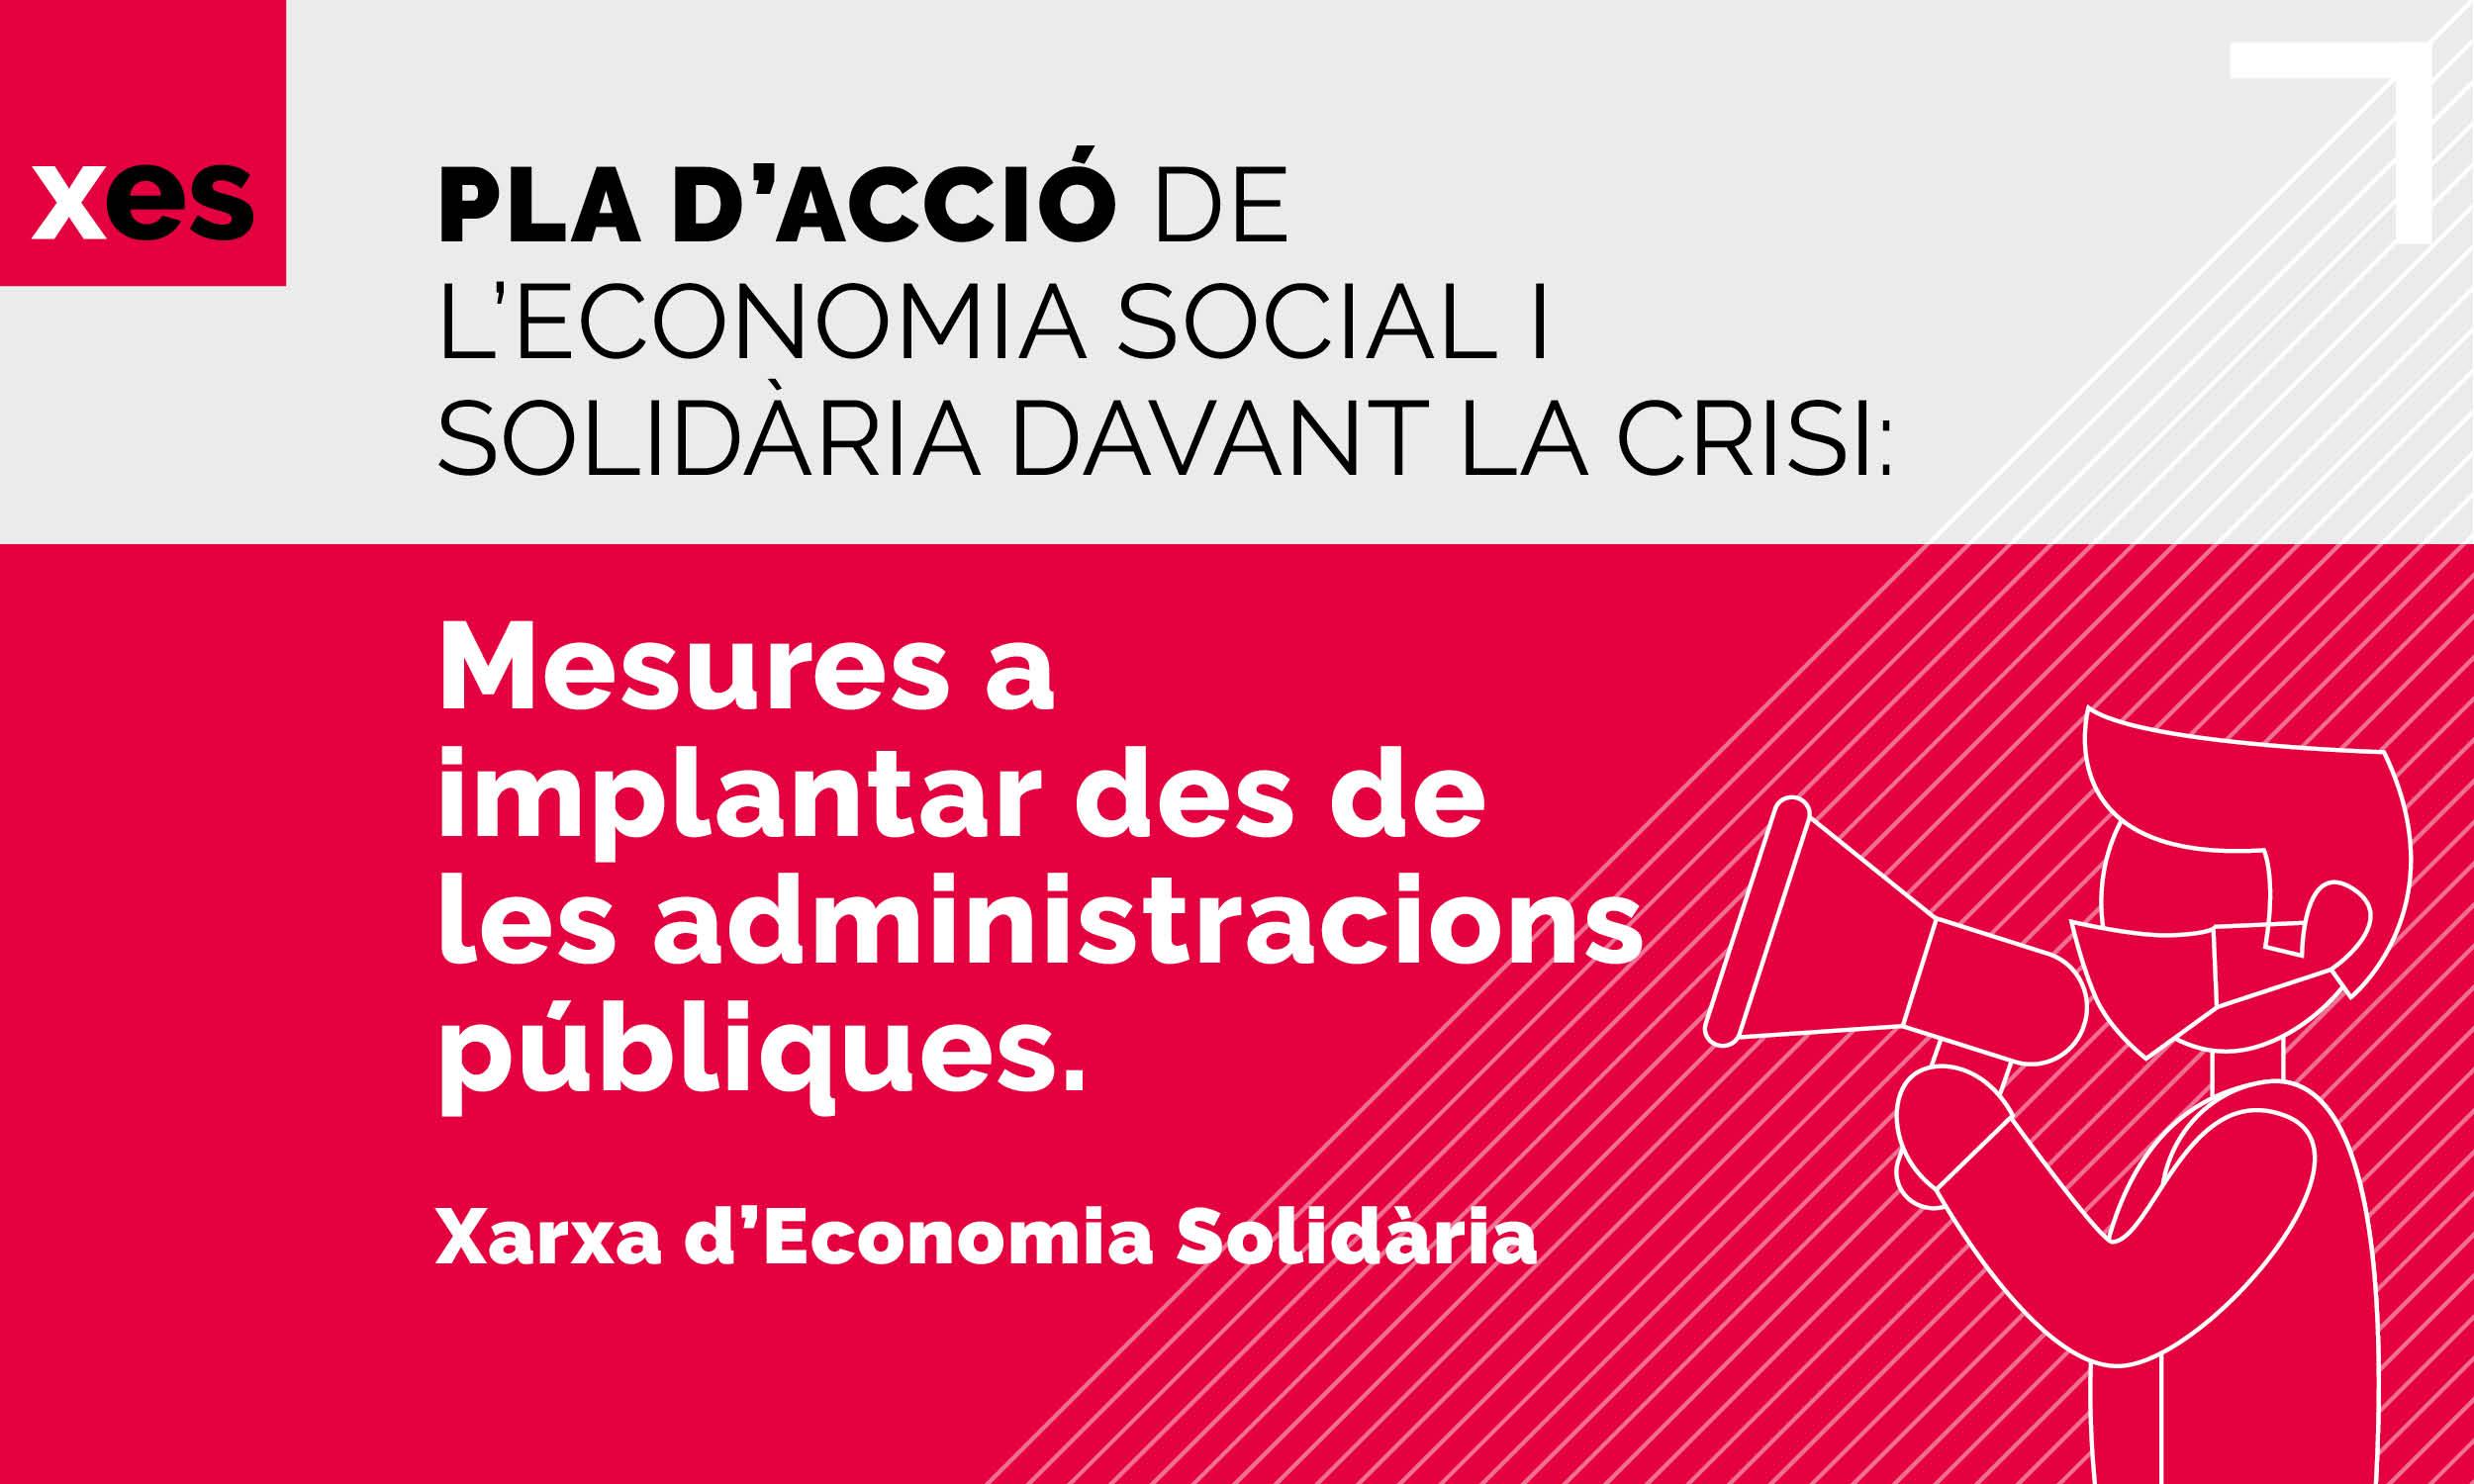 Pla d'acció de l'Economia social i solidària per administracions públiques en era Covid-19- XES